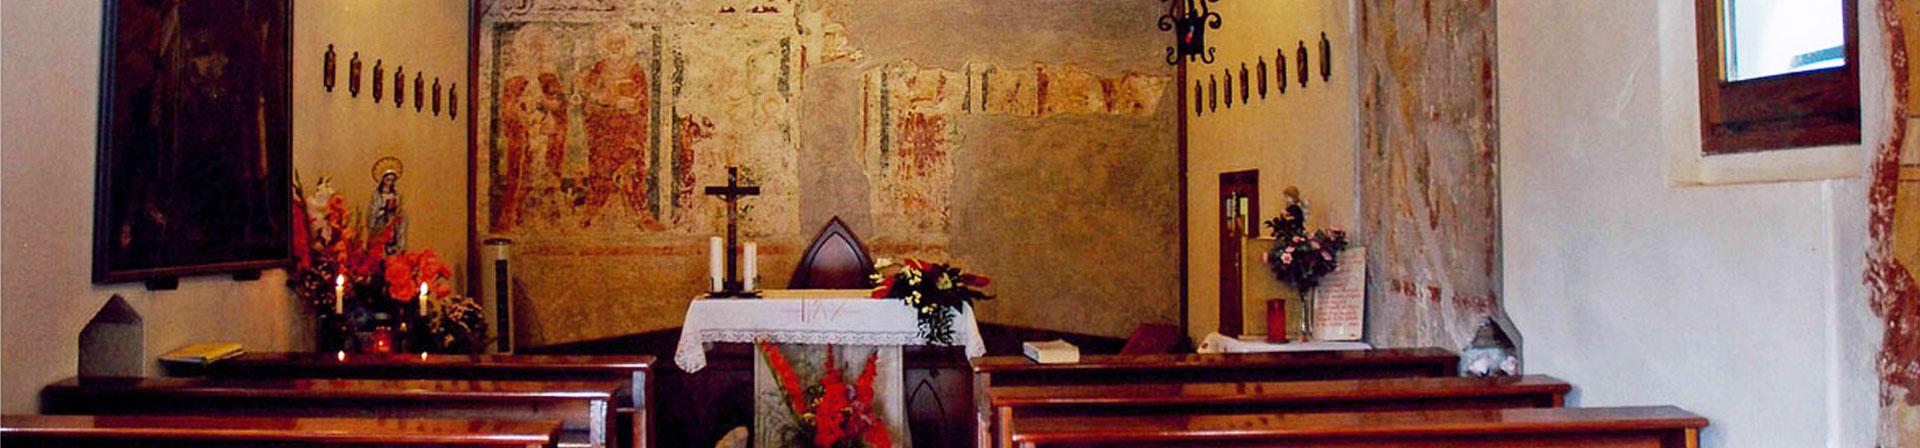 Chiese a Sacile: Chiesetta di San Daniele